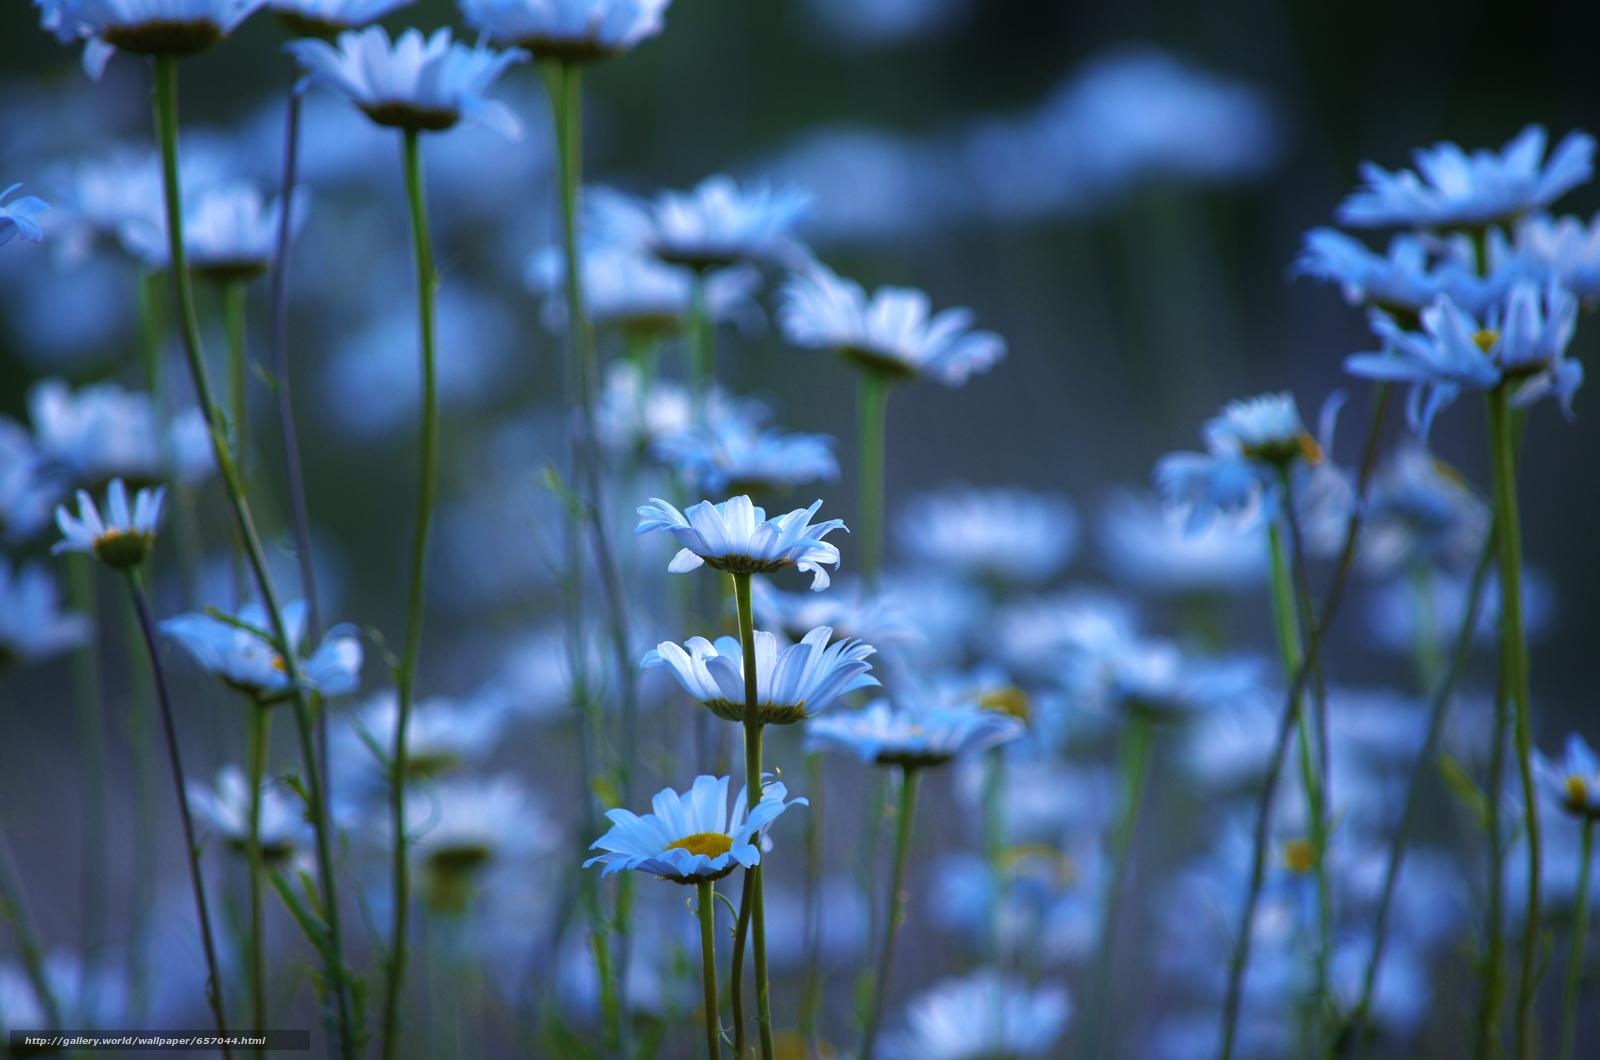 Скачать обои ромашки,  цветы,  макро бесплатно для рабочего стола в разрешении 4928x3264 — картинка №657044